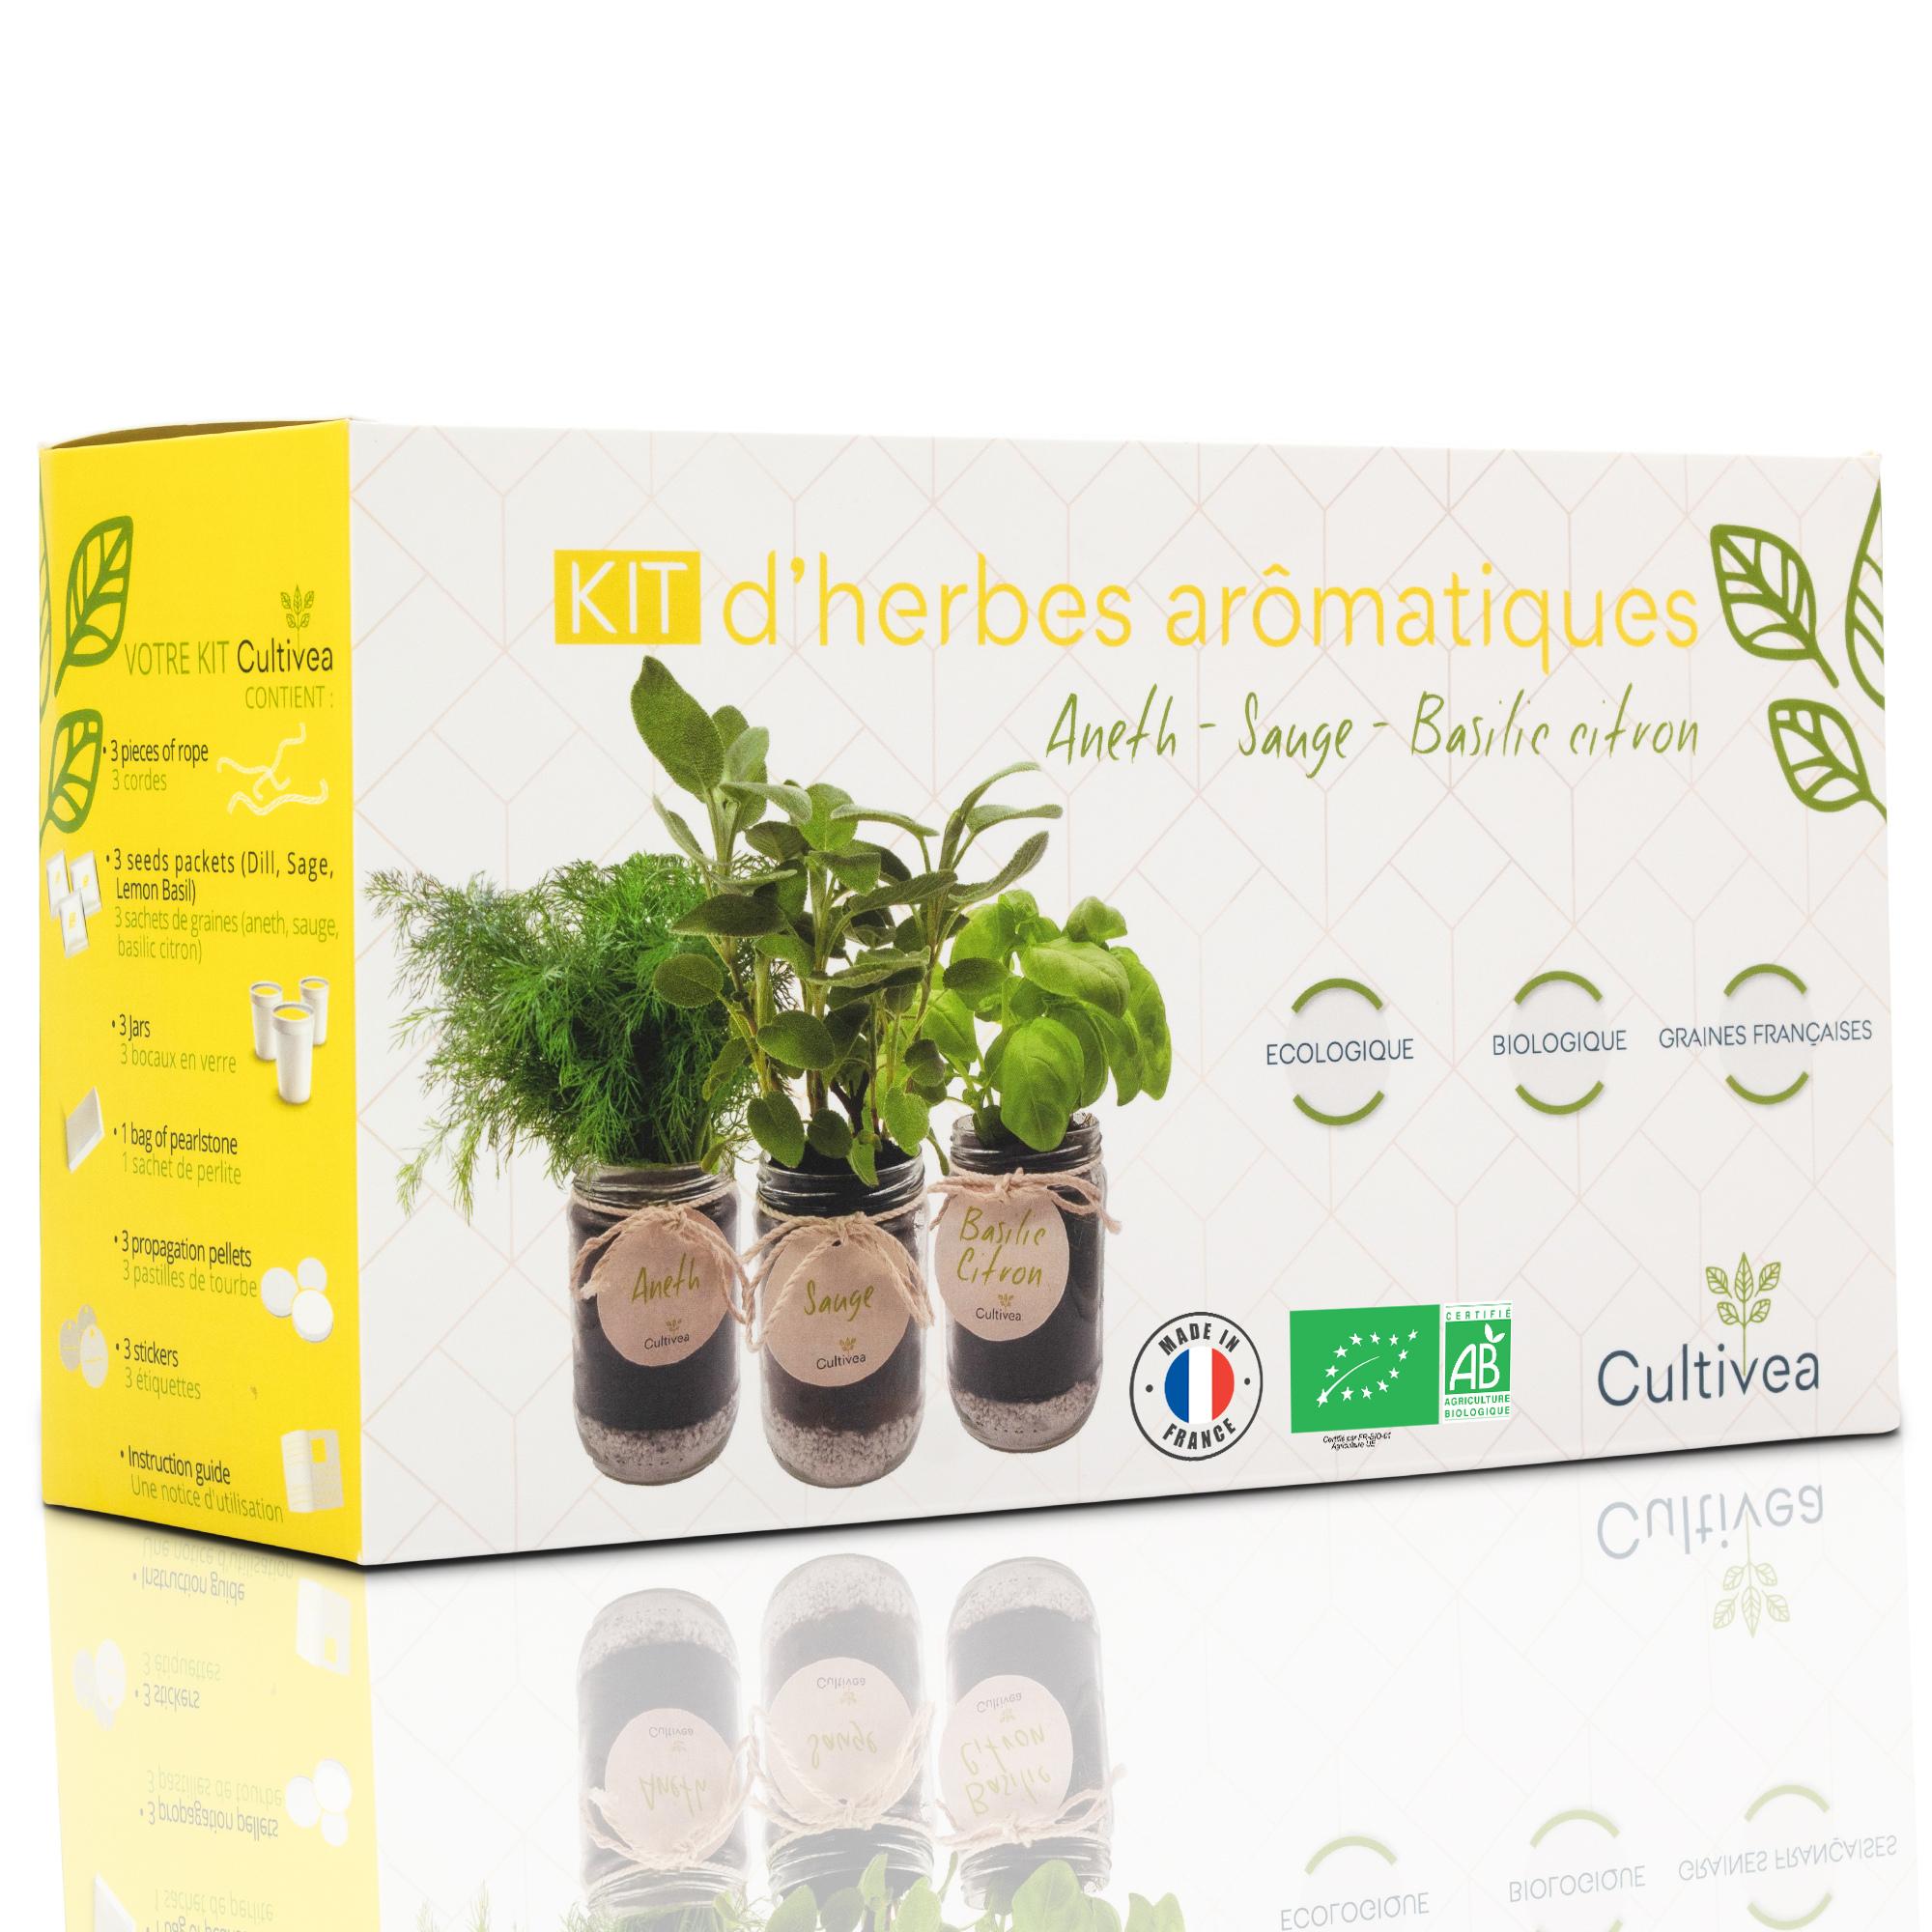 Cultivea - Kit d'herbes aromatiques BIO* Graines Aneth,Sauge,Basilic citron